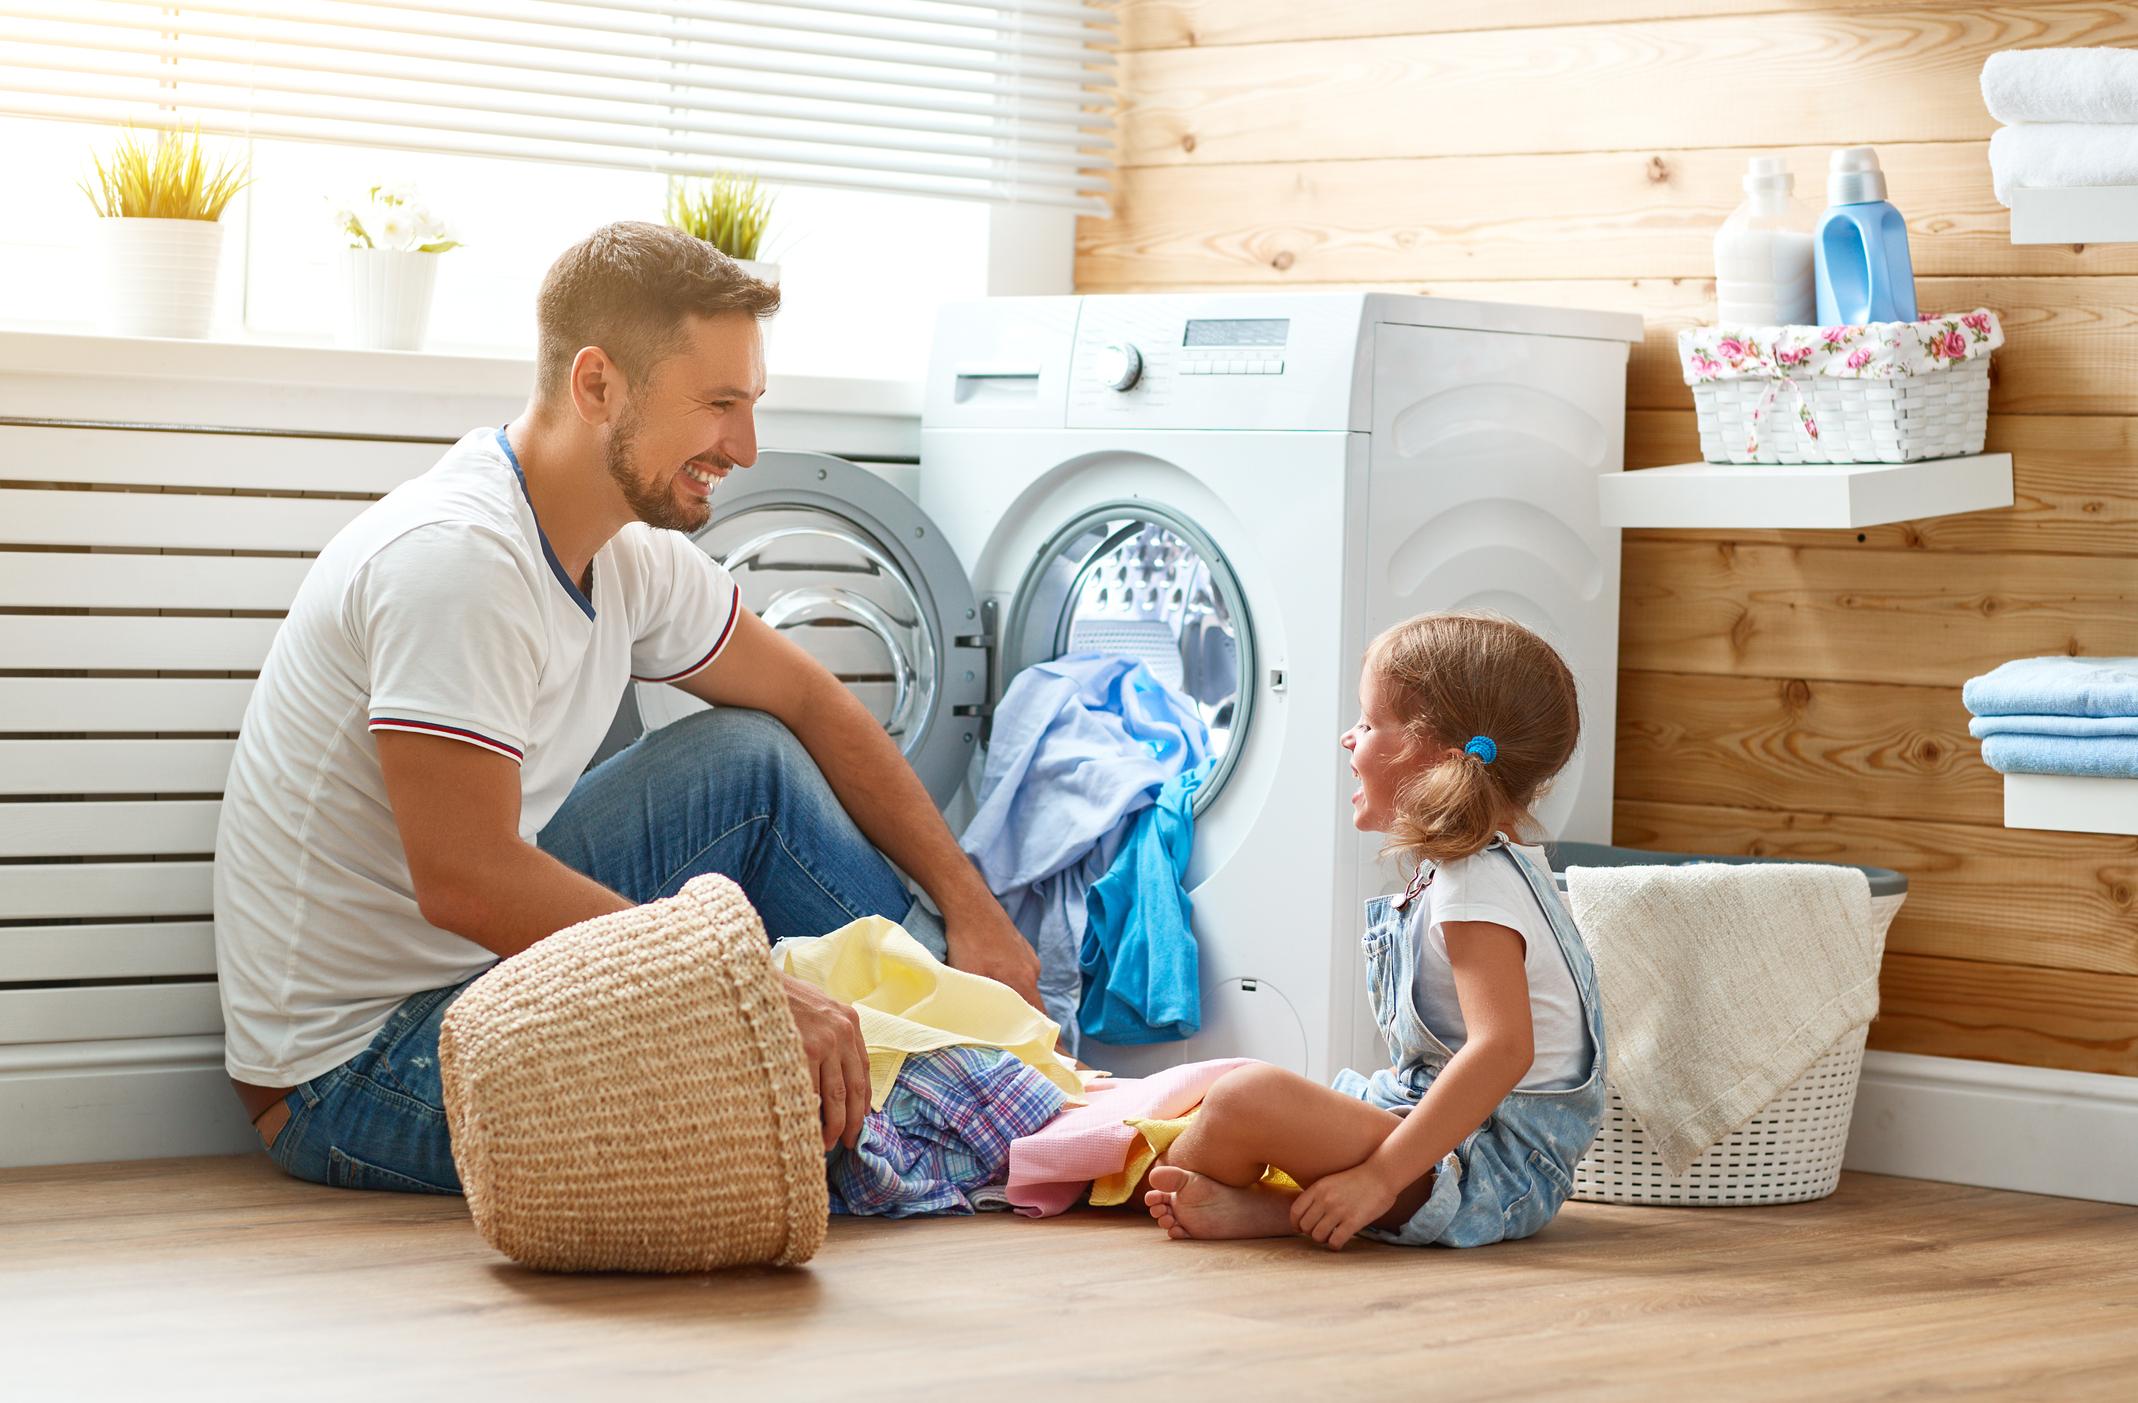 Използвайте вода за уста за почистване на пералнята, съветват от Edna.bg.Пералните машини трябва редовно да се дезинфекцират, за да продължат да функционират на нивото, което се очаква. Има специални перилни препарати, които можете да закупите, но можете да използвате и обикновена вода за уста - просто добавете половин чаша в отделението, където обикновено поставяте перилния препарат в пералнята и пуснете пералнята без дрехи вътре. Всички бактерии и микроби ще бъдат унищожени.